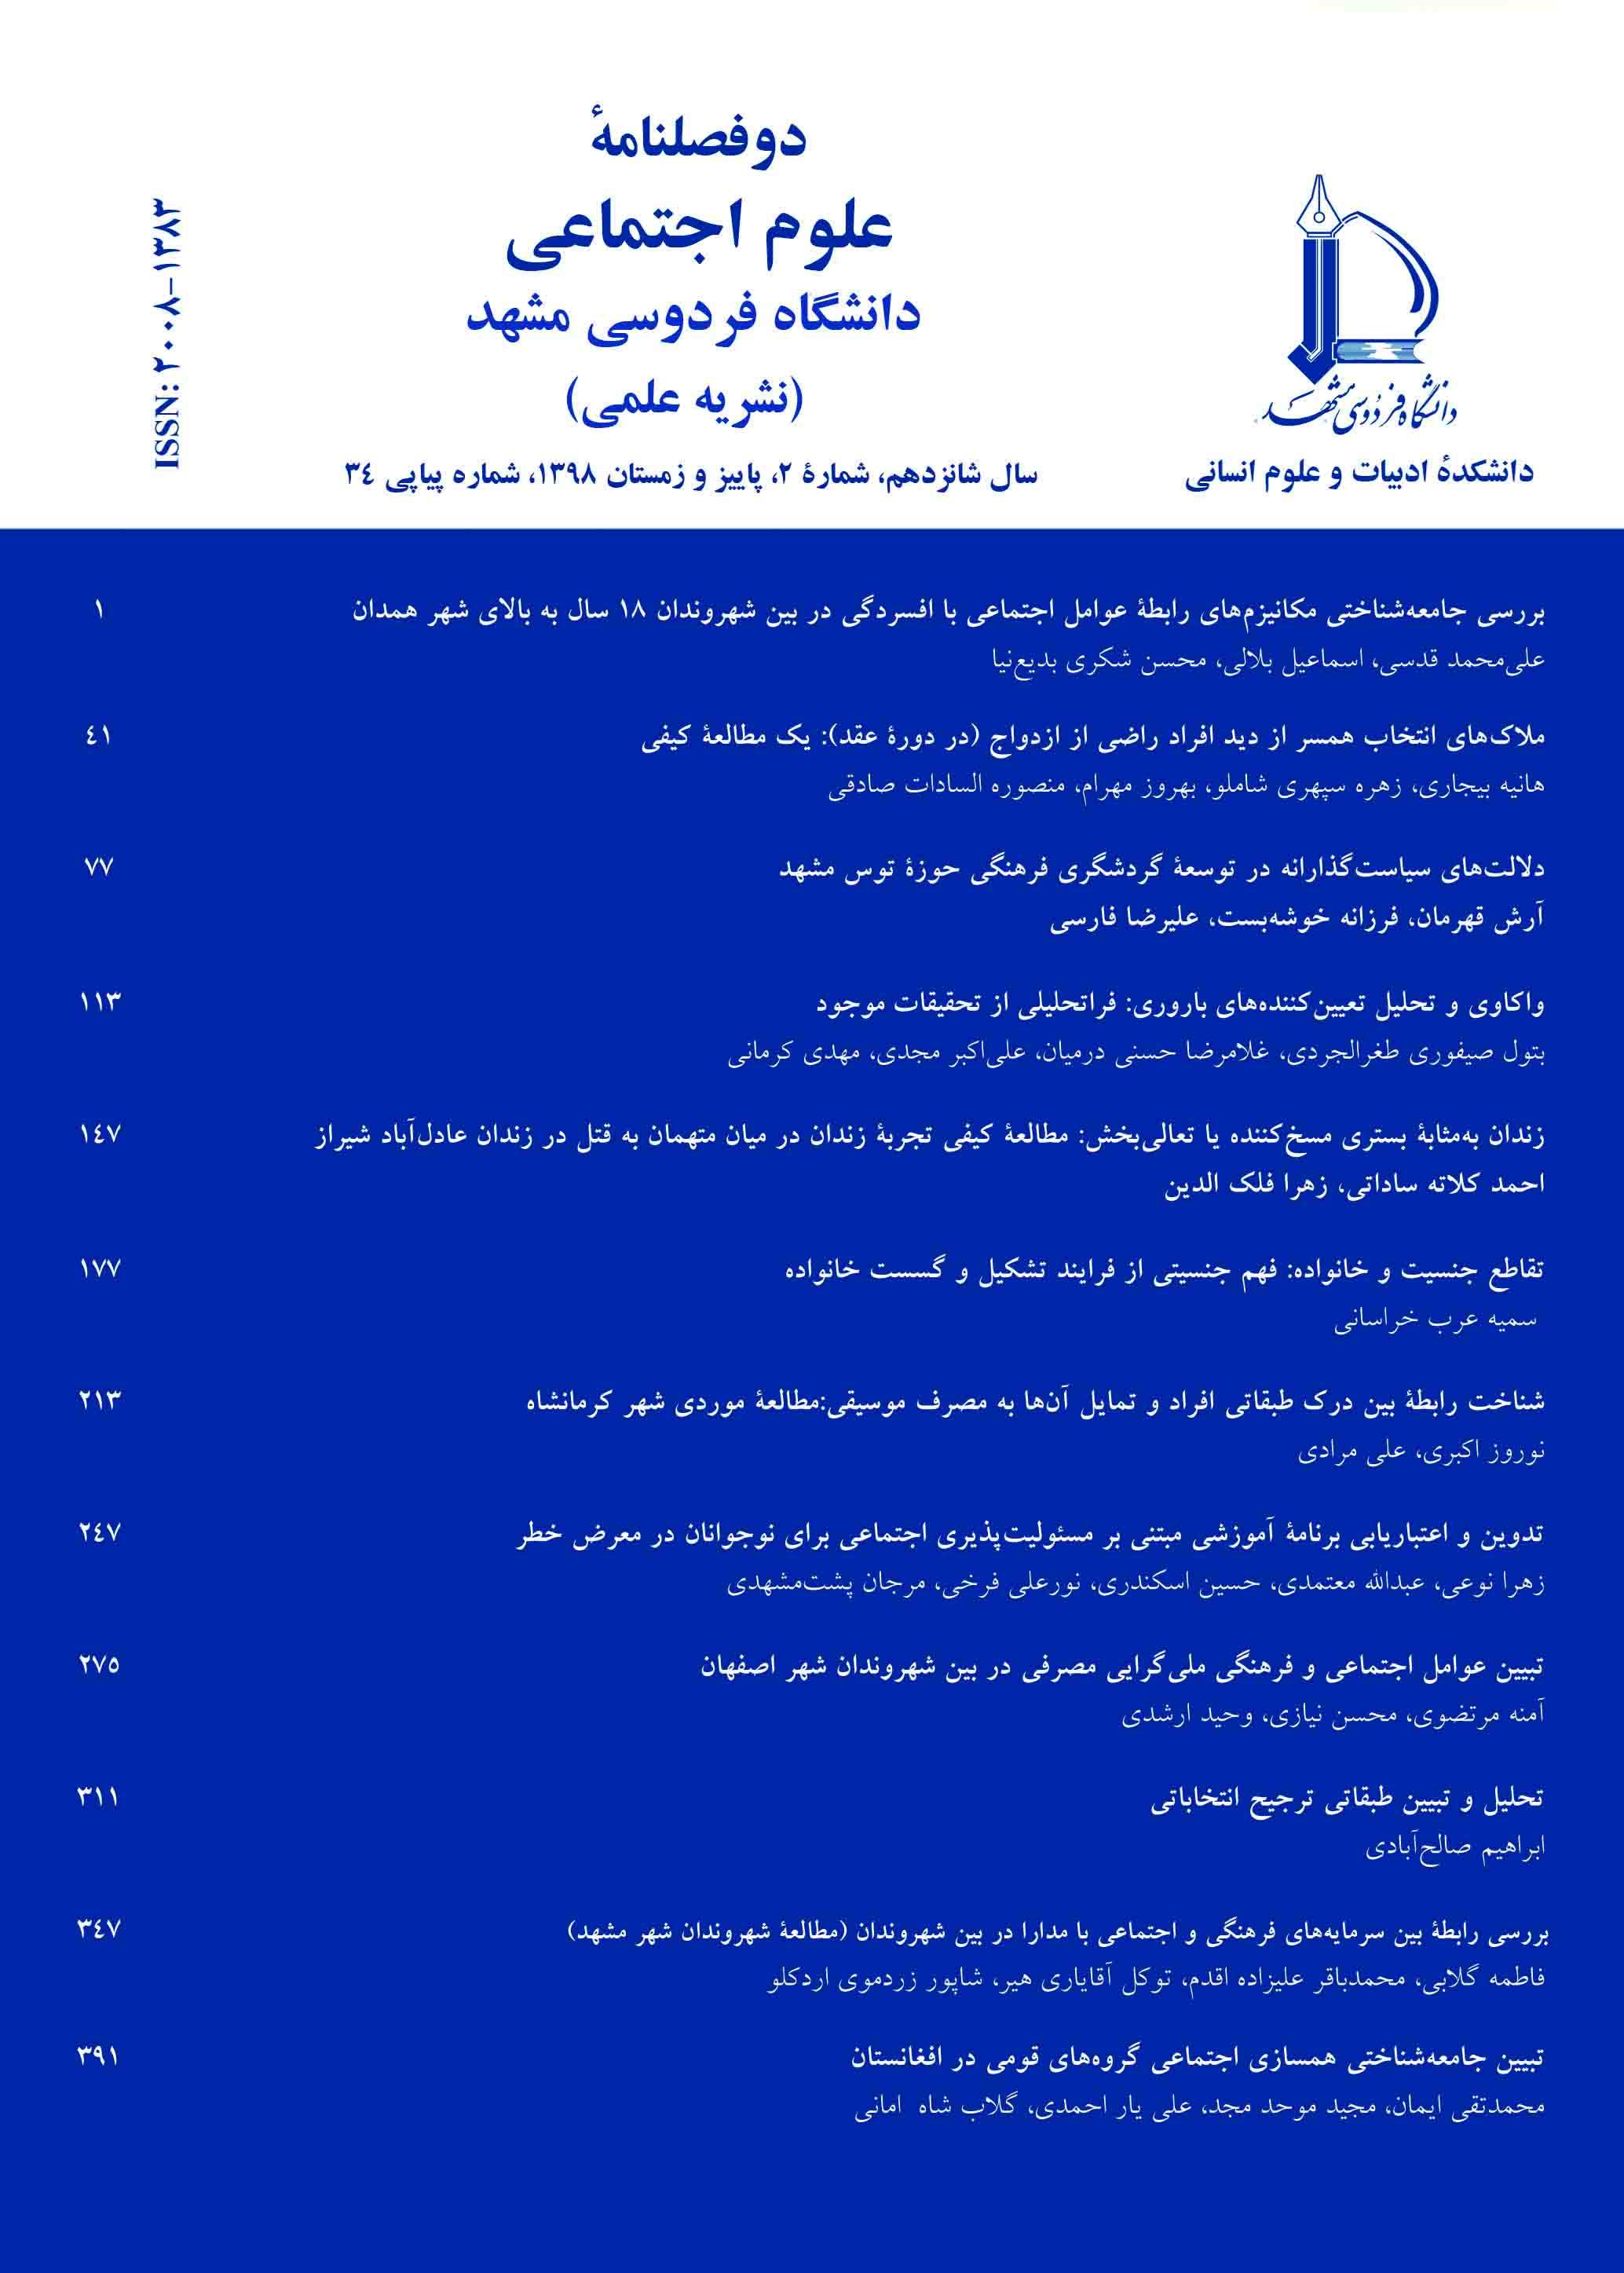 علوم اجتماعی دانشگاه فردوسی مشهد